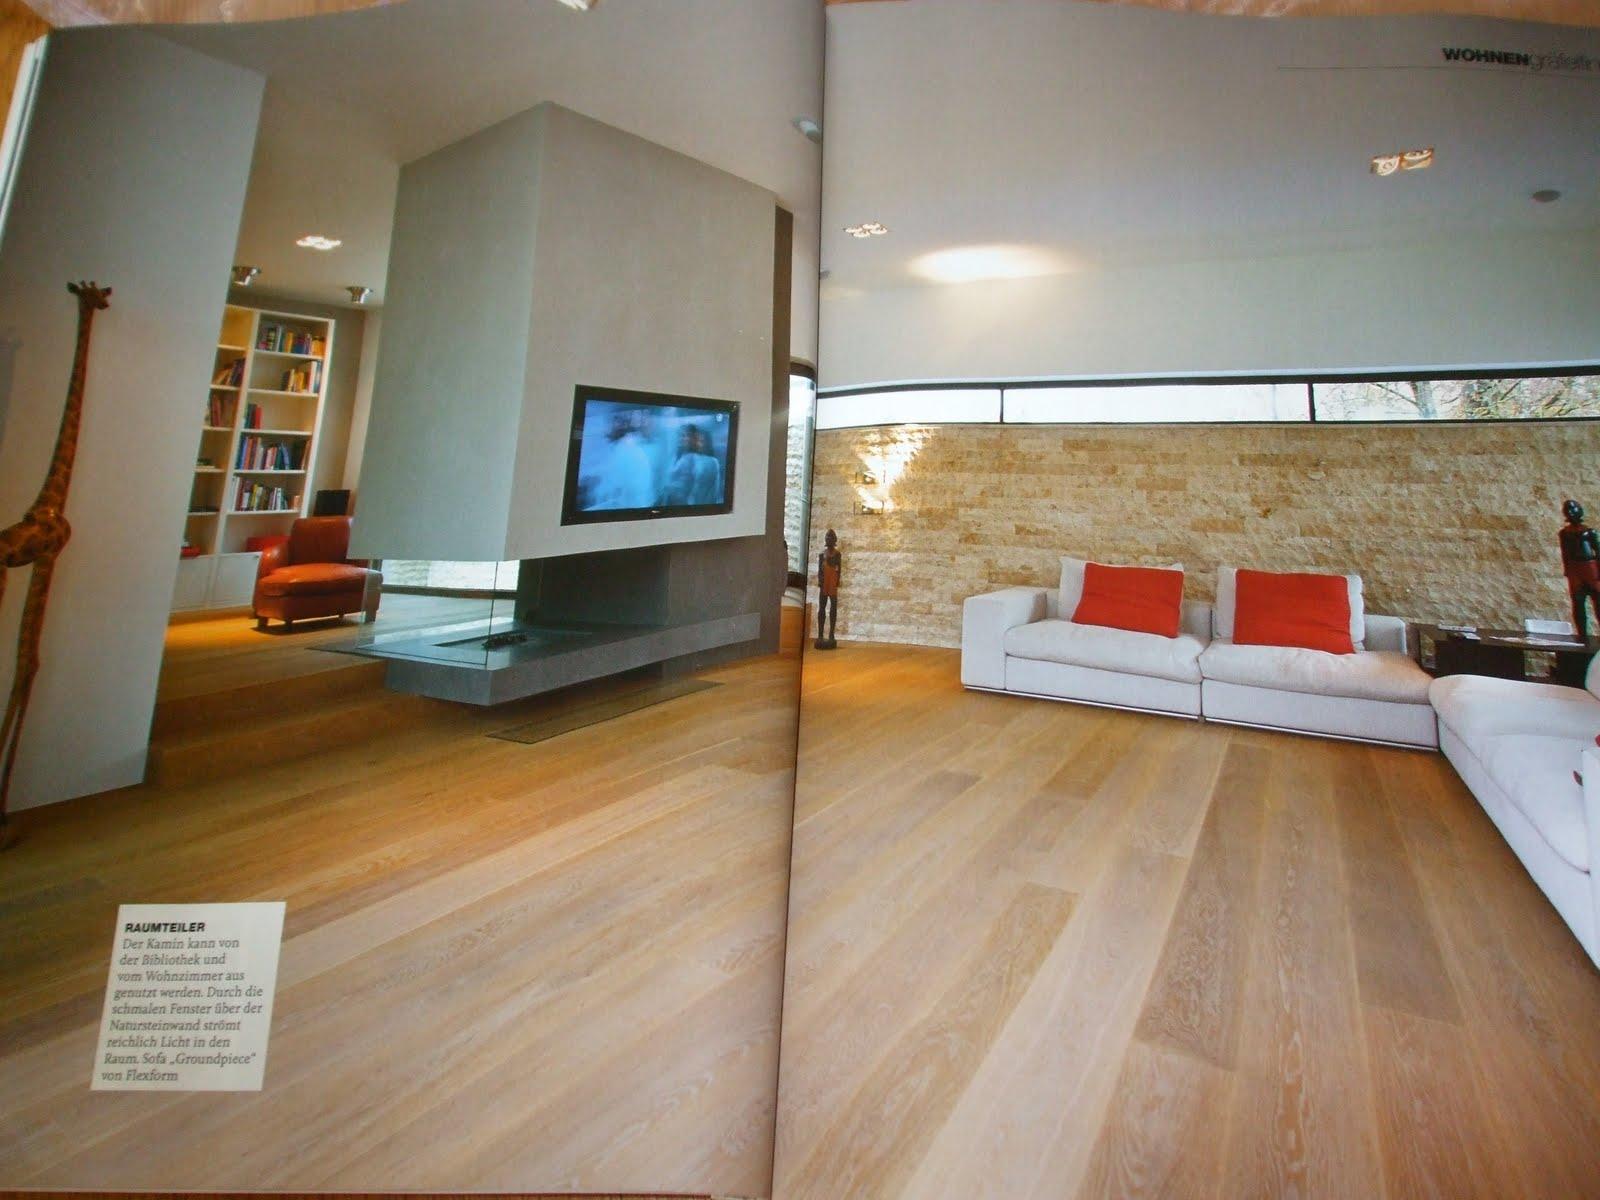 kamin modern raumteiler inspirierendes design f r wohnm bel. Black Bedroom Furniture Sets. Home Design Ideas